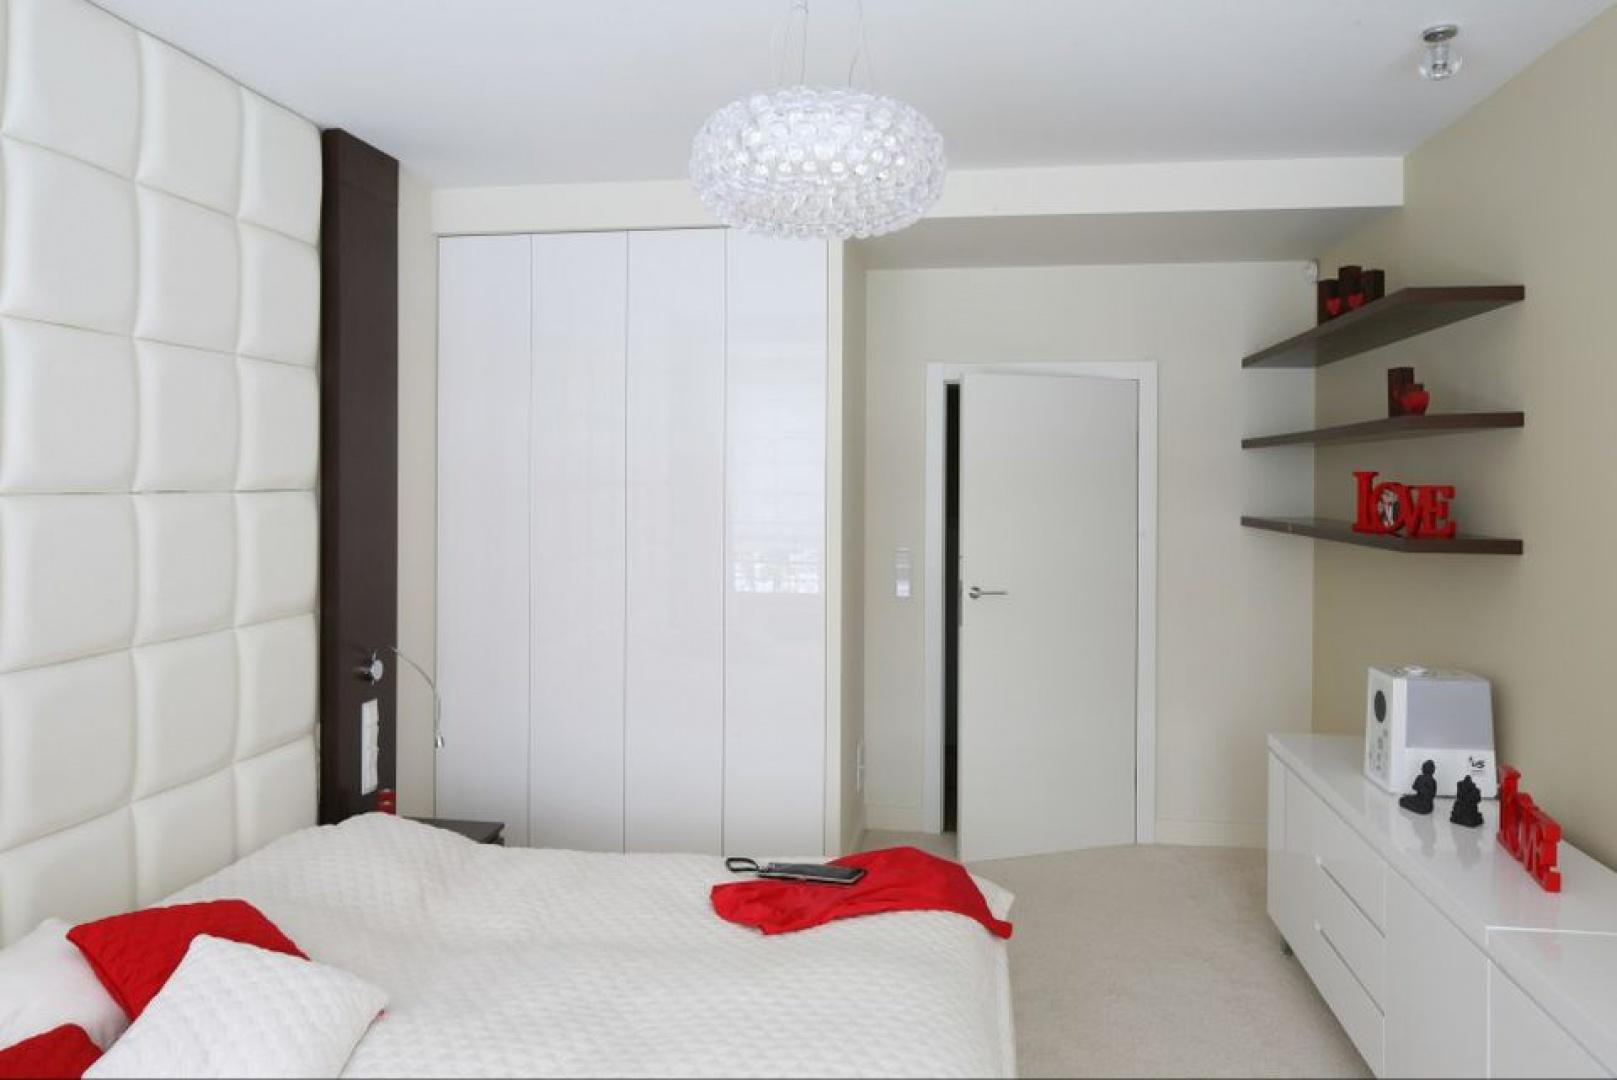 Biała, wysoka zabudowa z połyskującym frontami powiększa optycznie wnętrze sypialni. Jest idealnie dopasowane do pozostałych mebli w sypialni. Projekt: Katarzyna Mikulska-Sękalska. Fot. Bartosz Jarosz